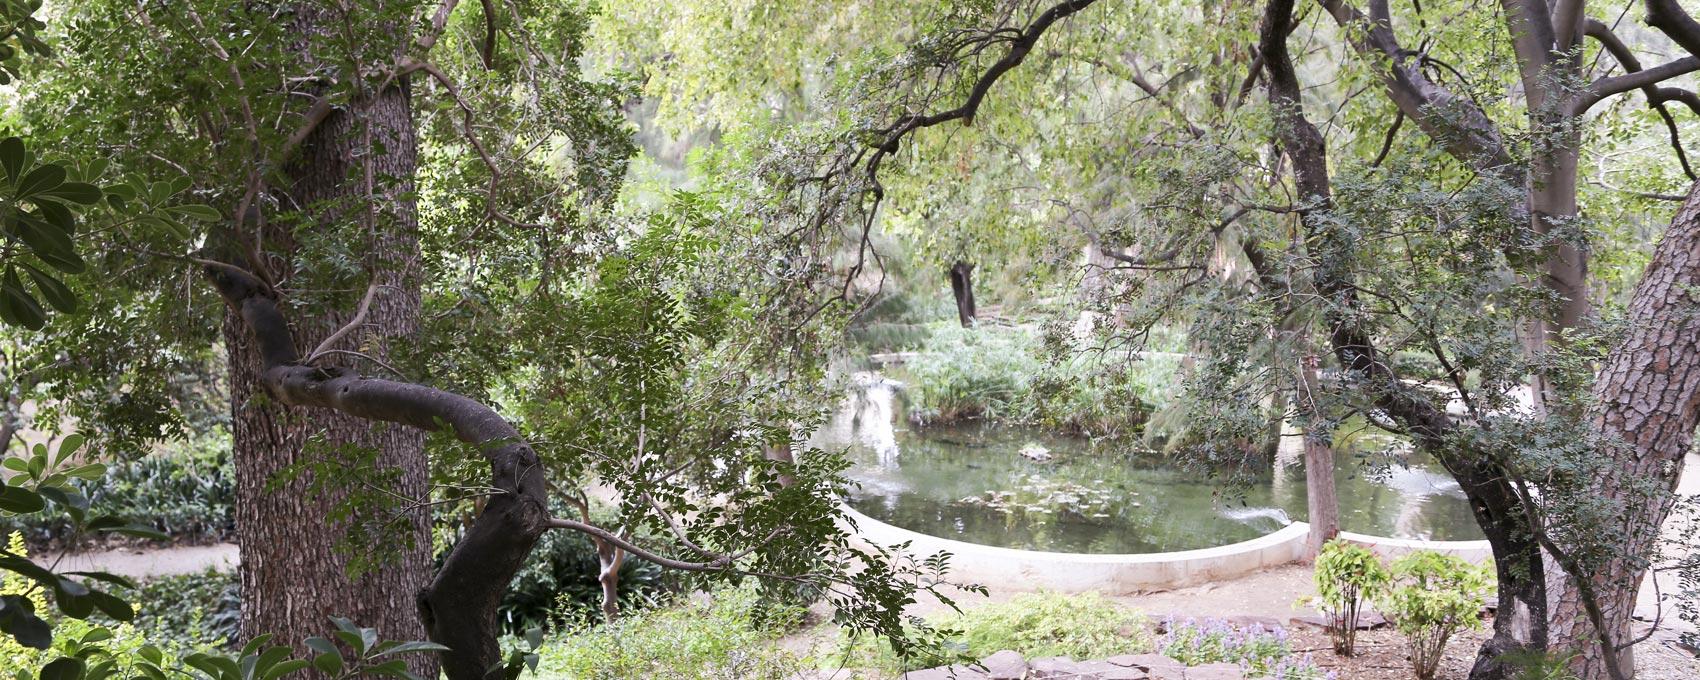 Situat al peu de la muntanyeta, envoltat de diferents arbres constitueix el centre del bosquet i capta l'atenció d'aquest entorn